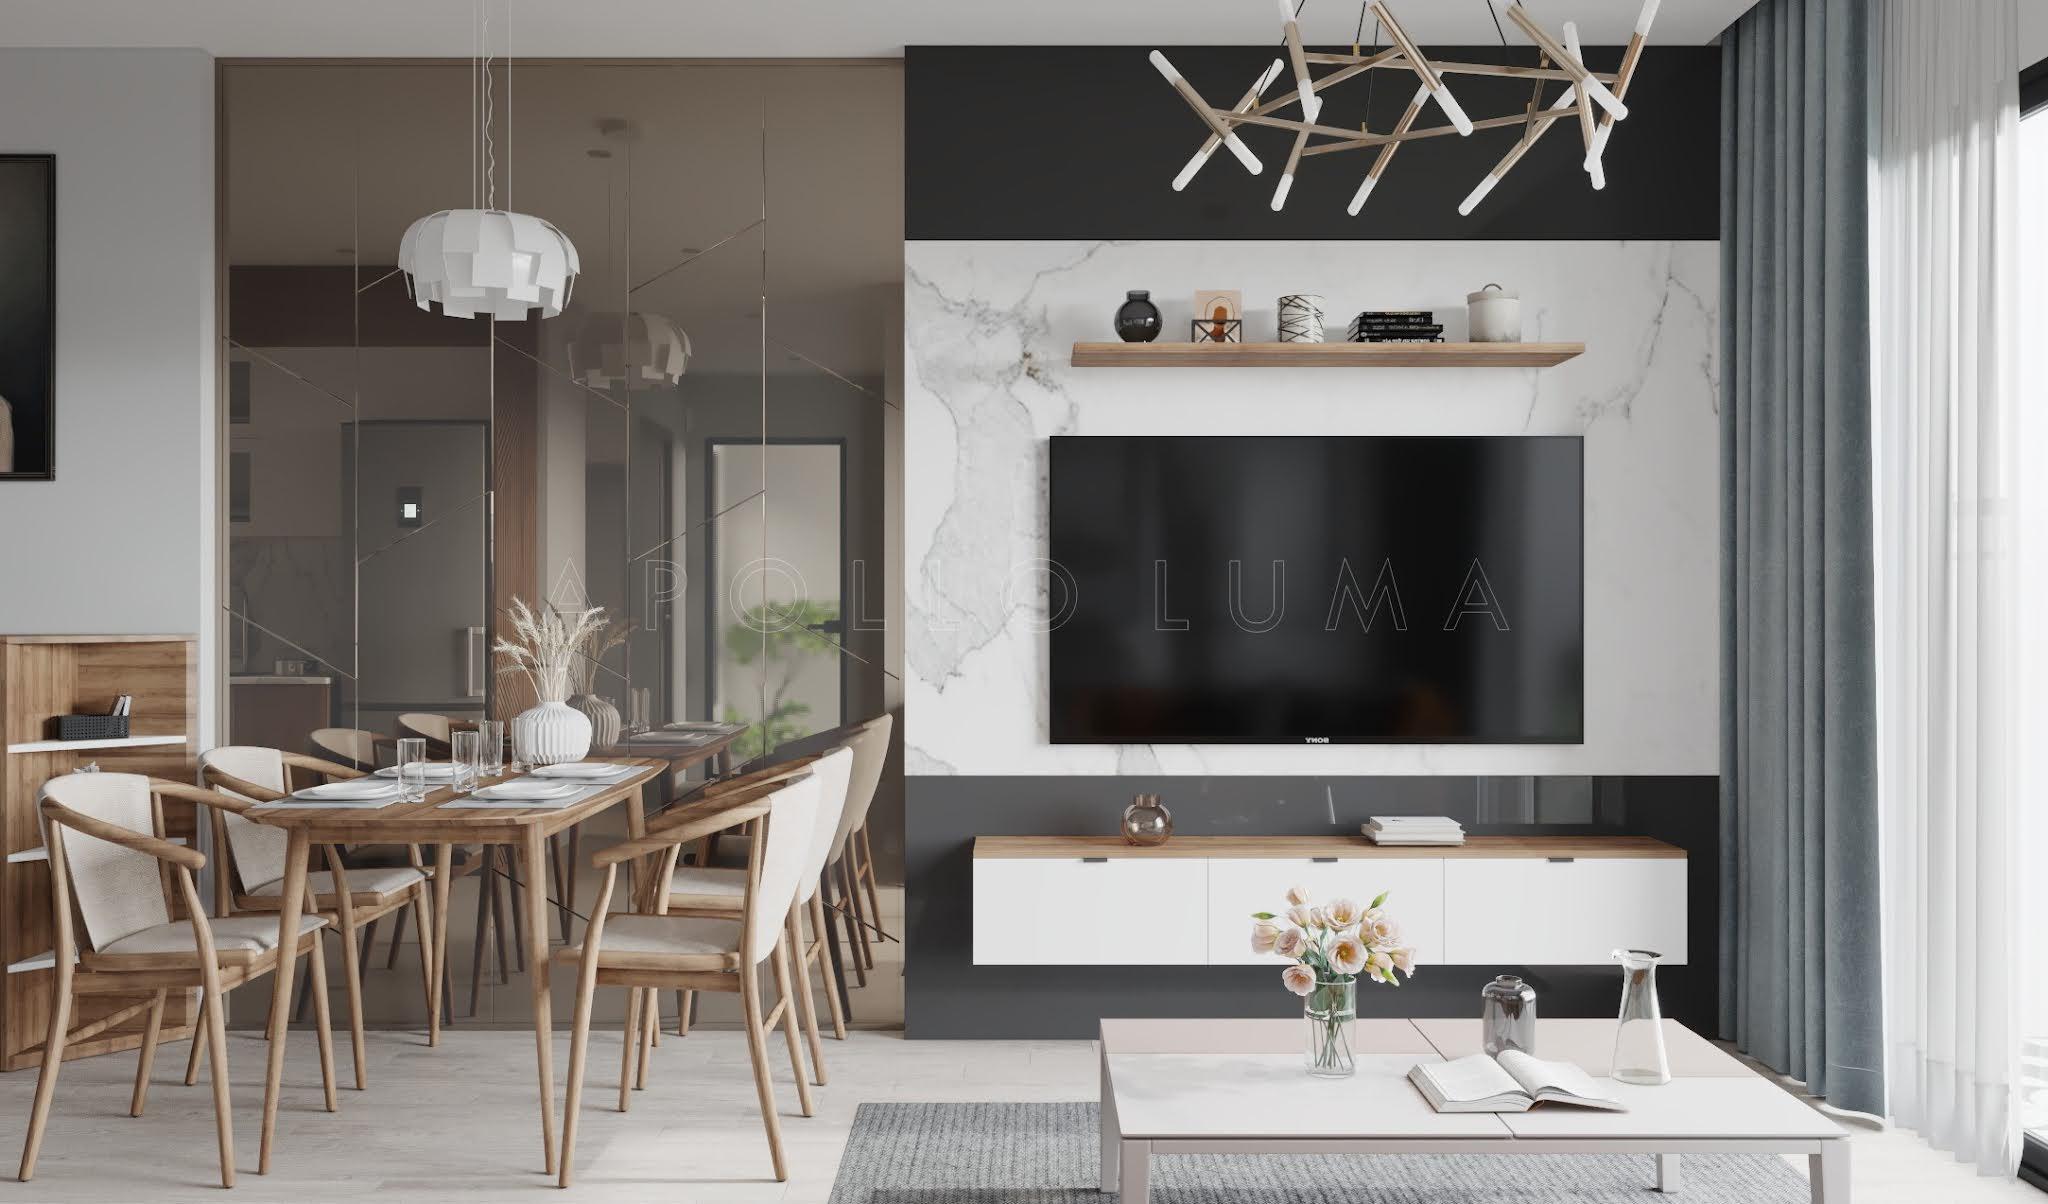 Thiết kế nội thất căn hộ 2 phòng ngủ 55m2 Vinhomes Smart City Tây Mỗ phong cách hiện đại